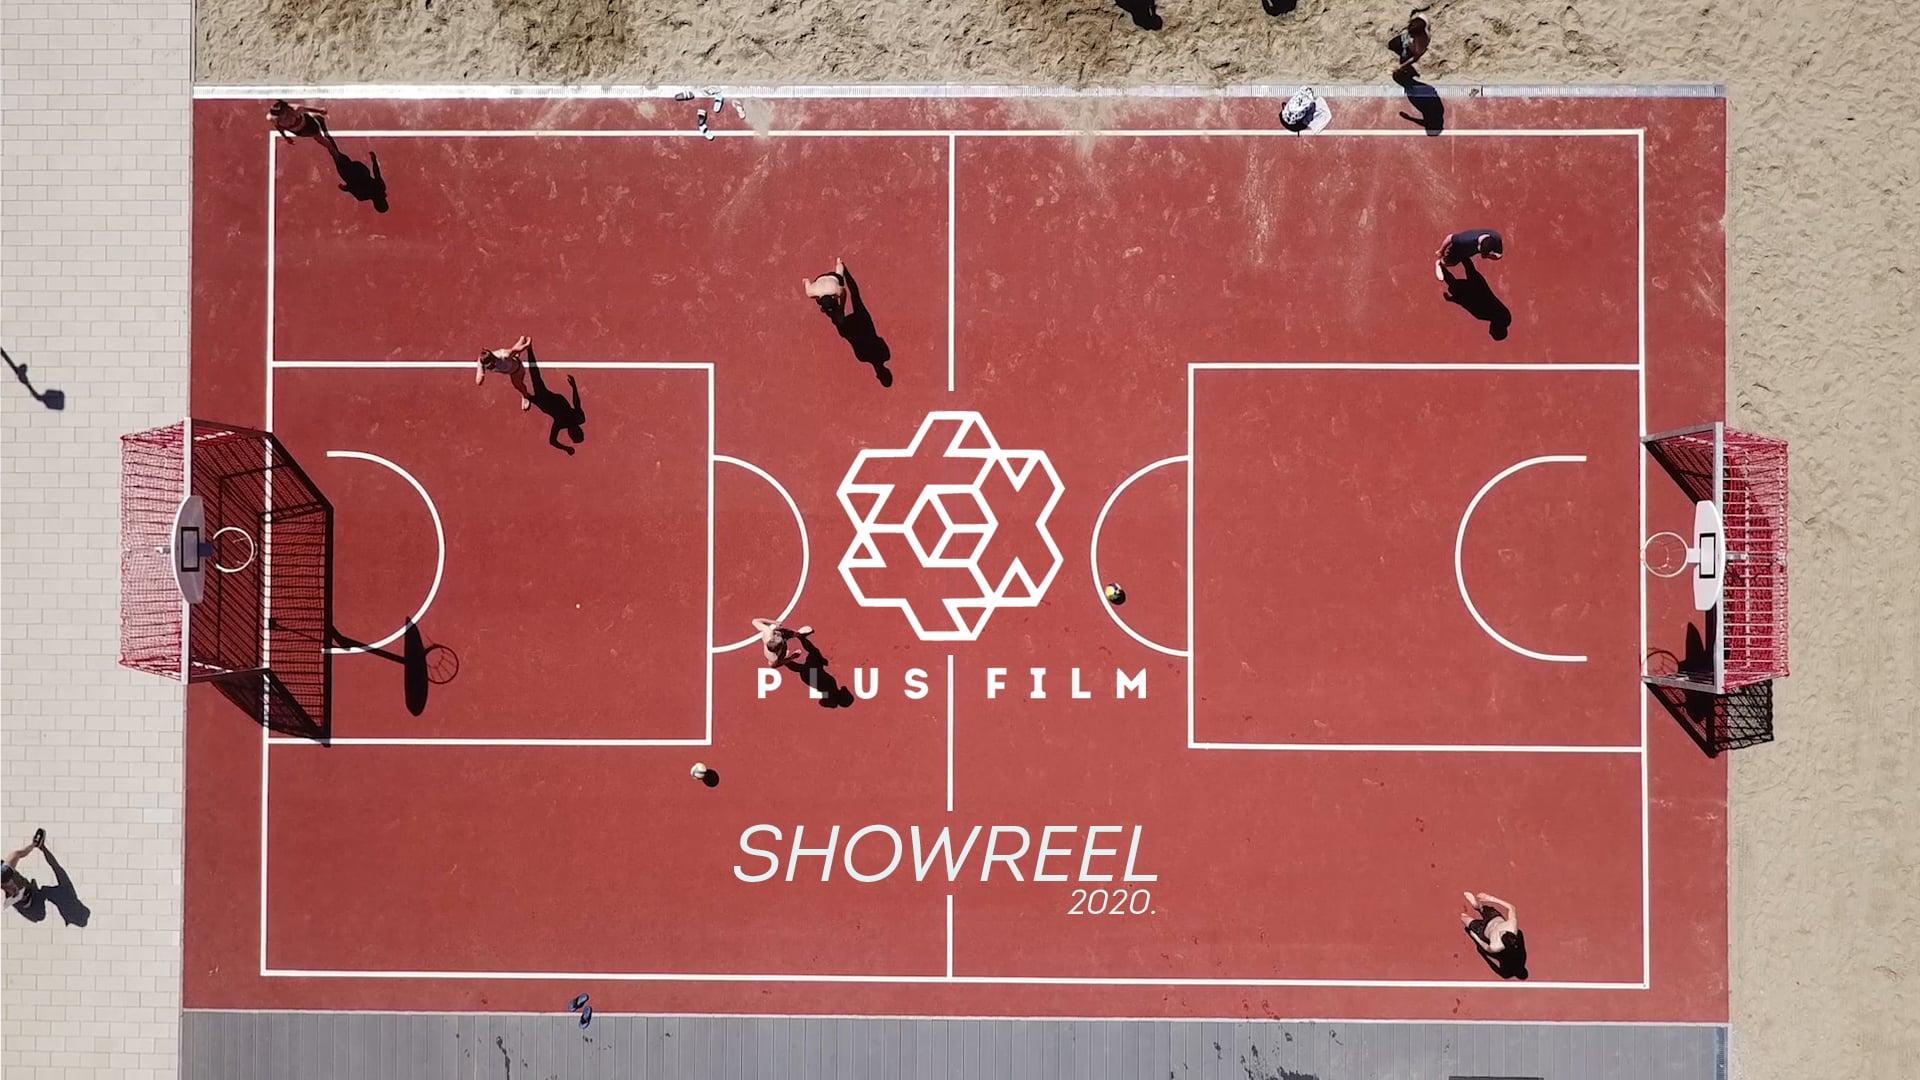 2020 - Plus Film Showreel